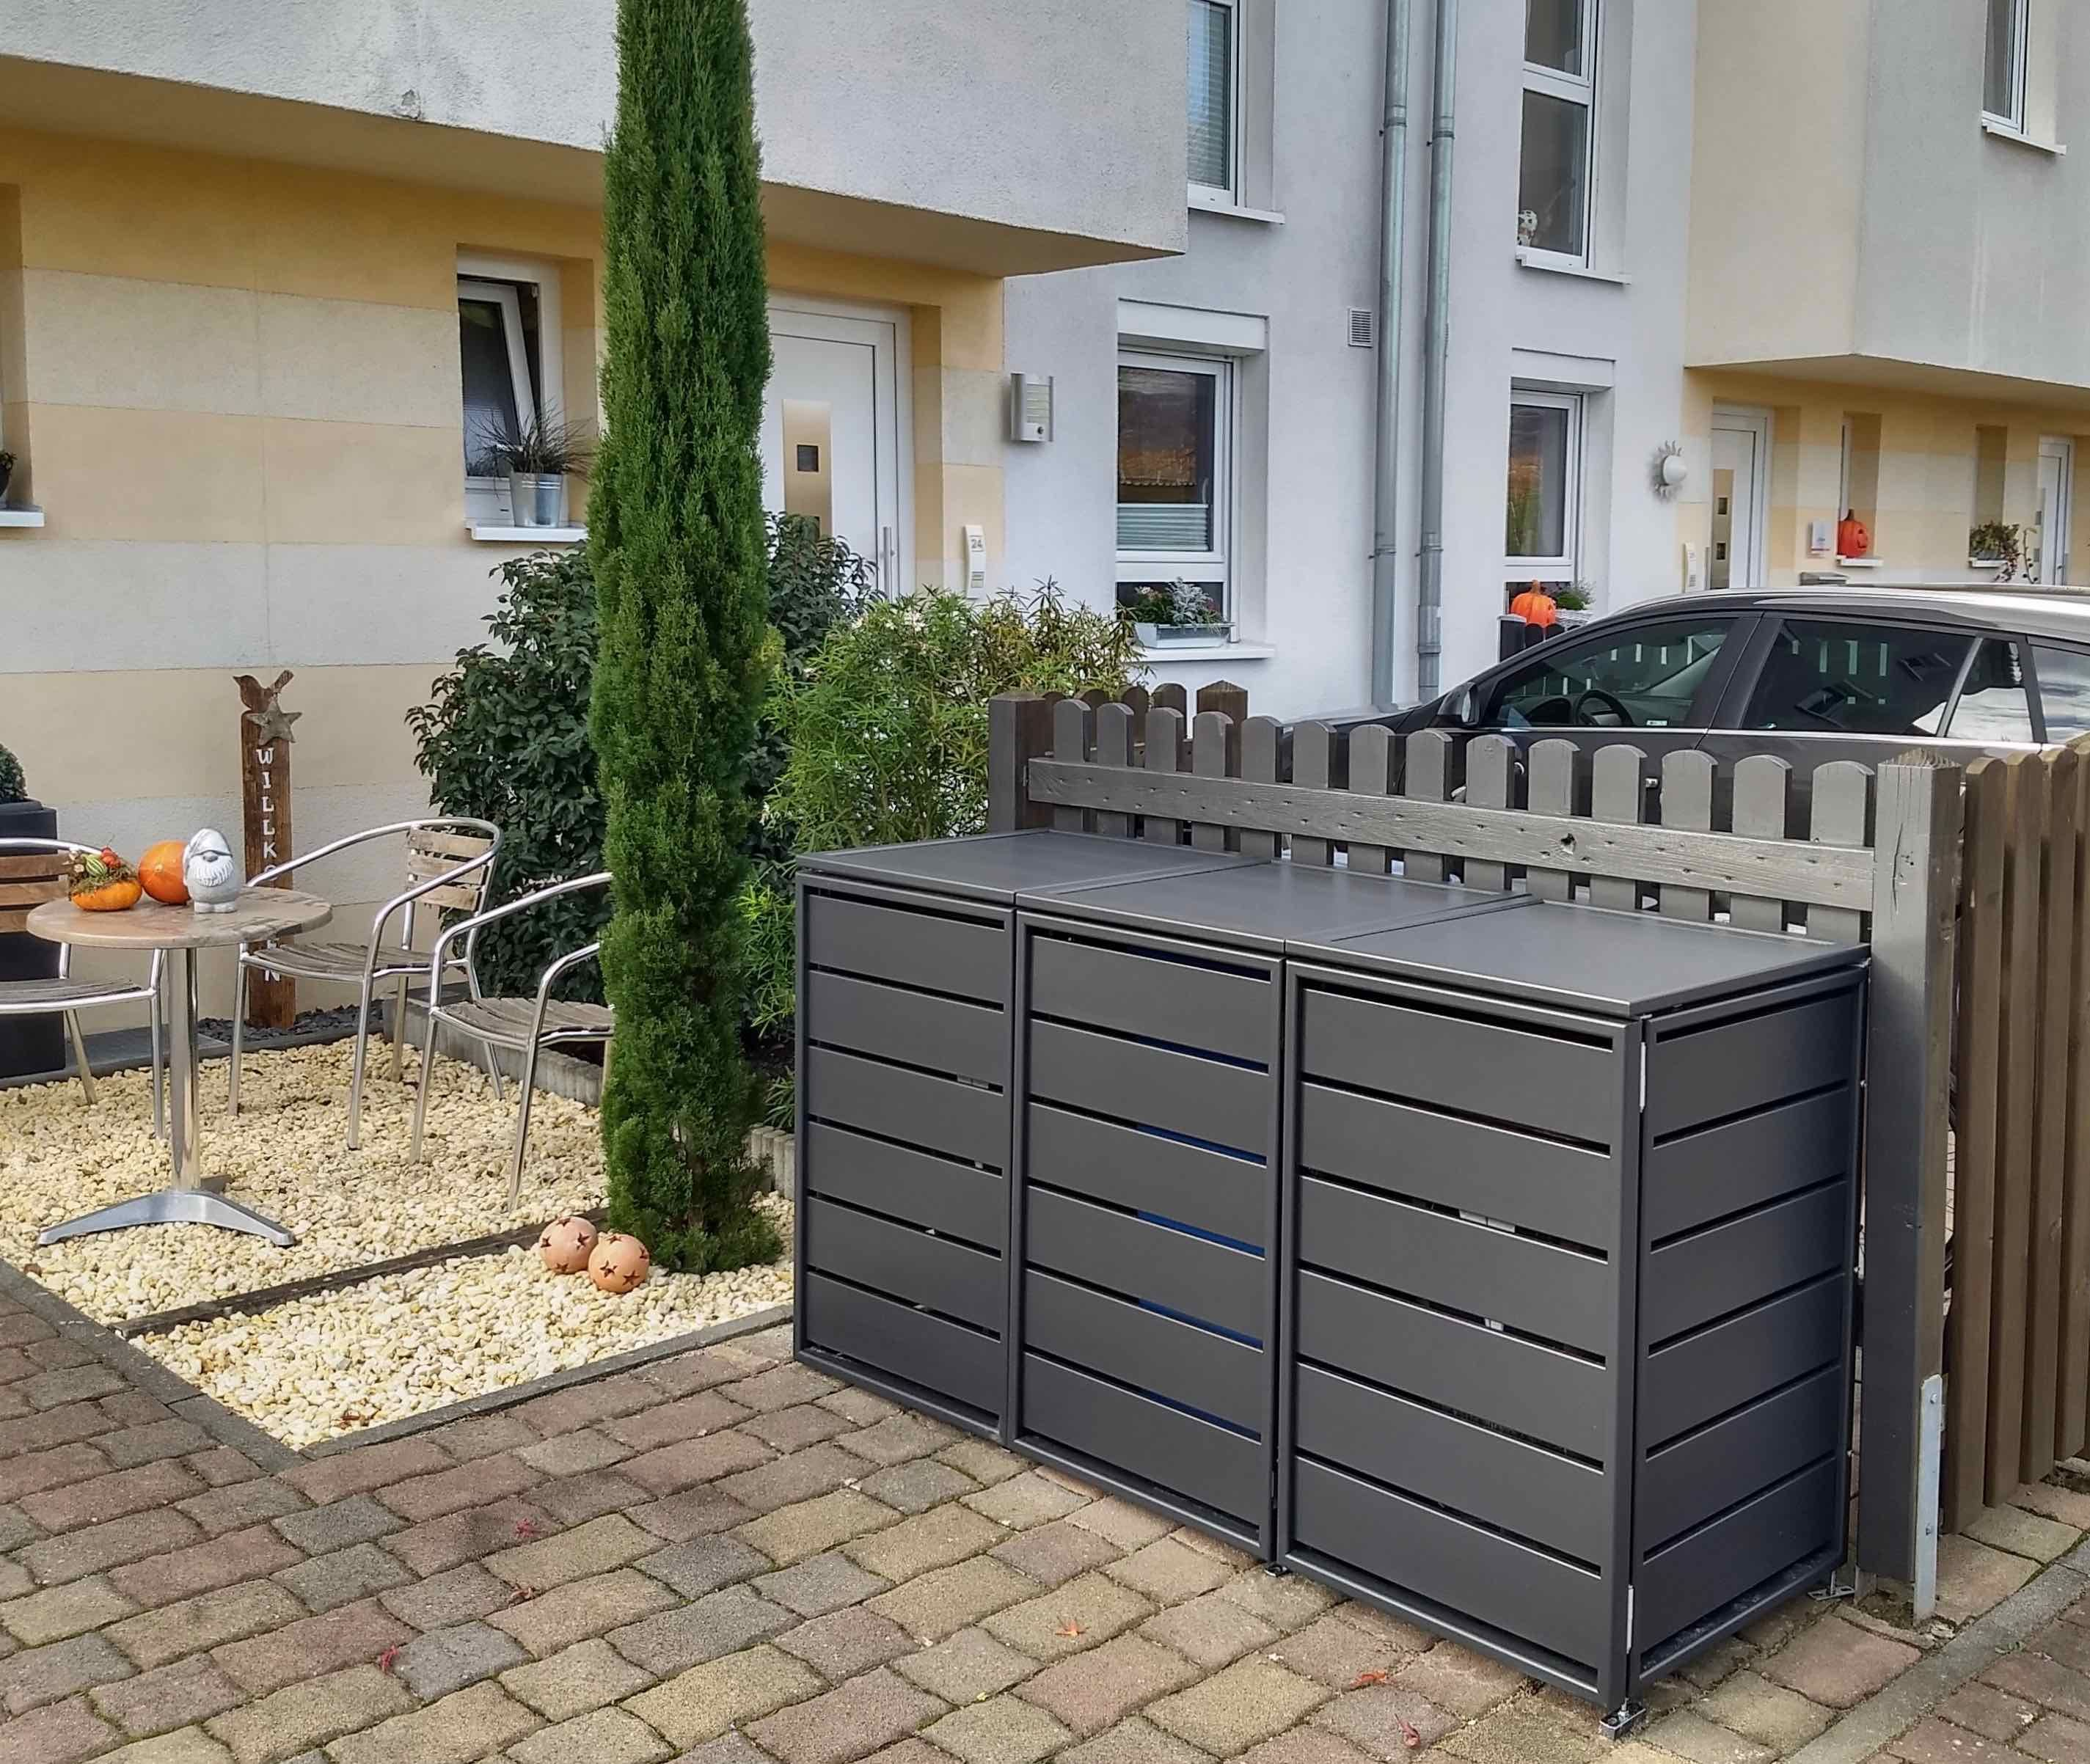 3er Mulltonnenbox Aluminium Classic 120l Mulltonnenbox Hintergarten Hauseingang Gestalten